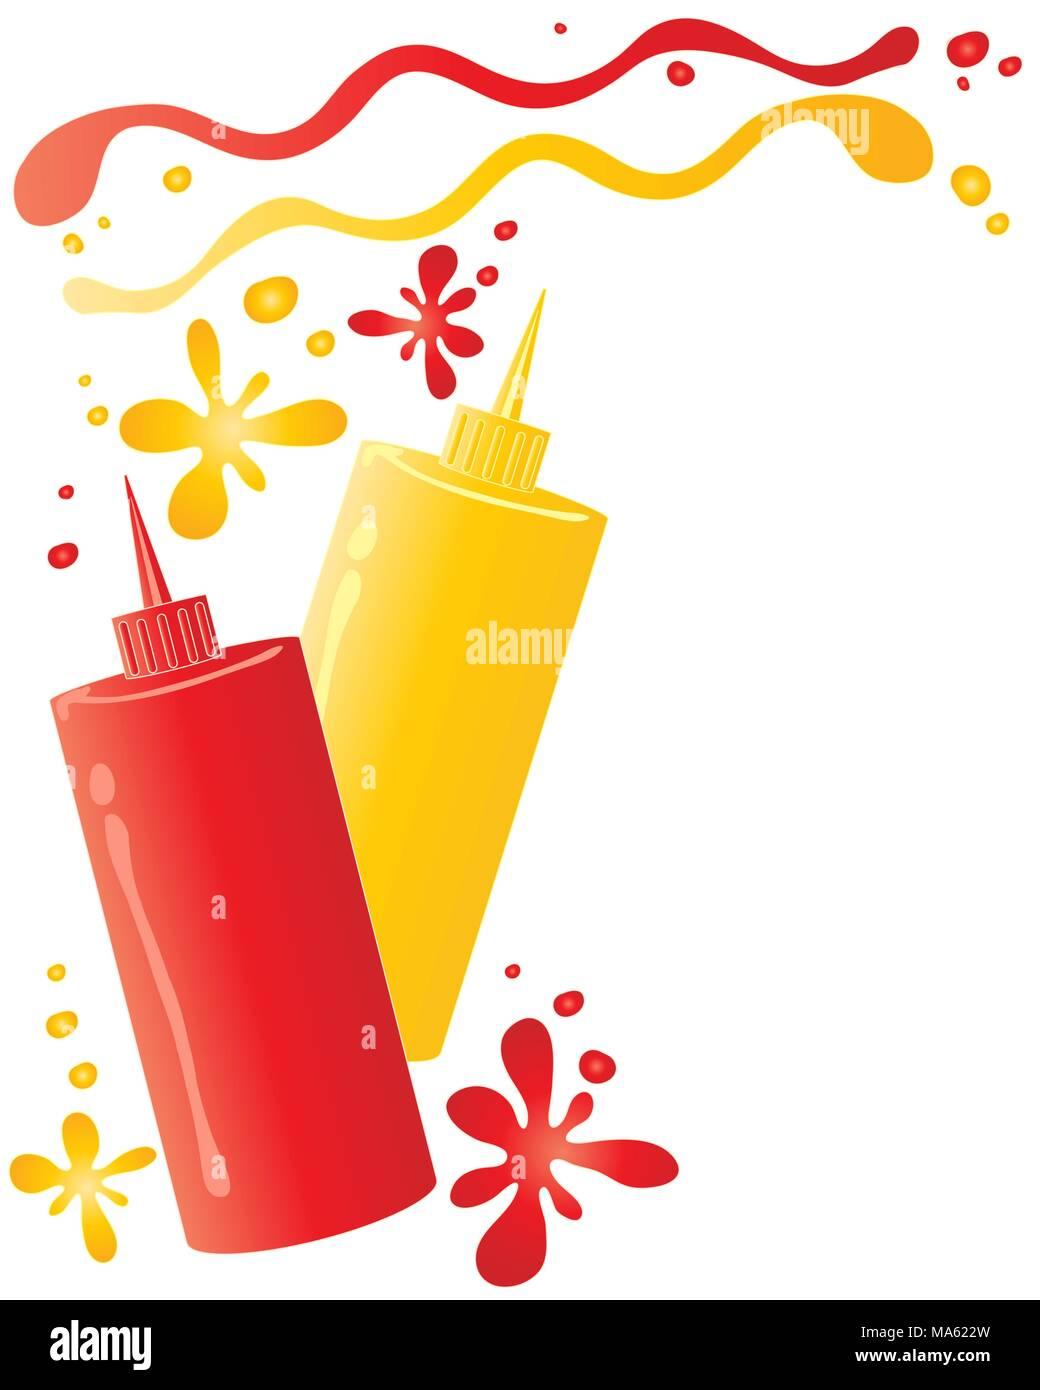 Una illustrazione vettoriale in formato eps formato 10 di salsa di due flaconi contenenti il ketchup e senape con macchie e schizzi isolato su uno sfondo bianco Immagini Stock